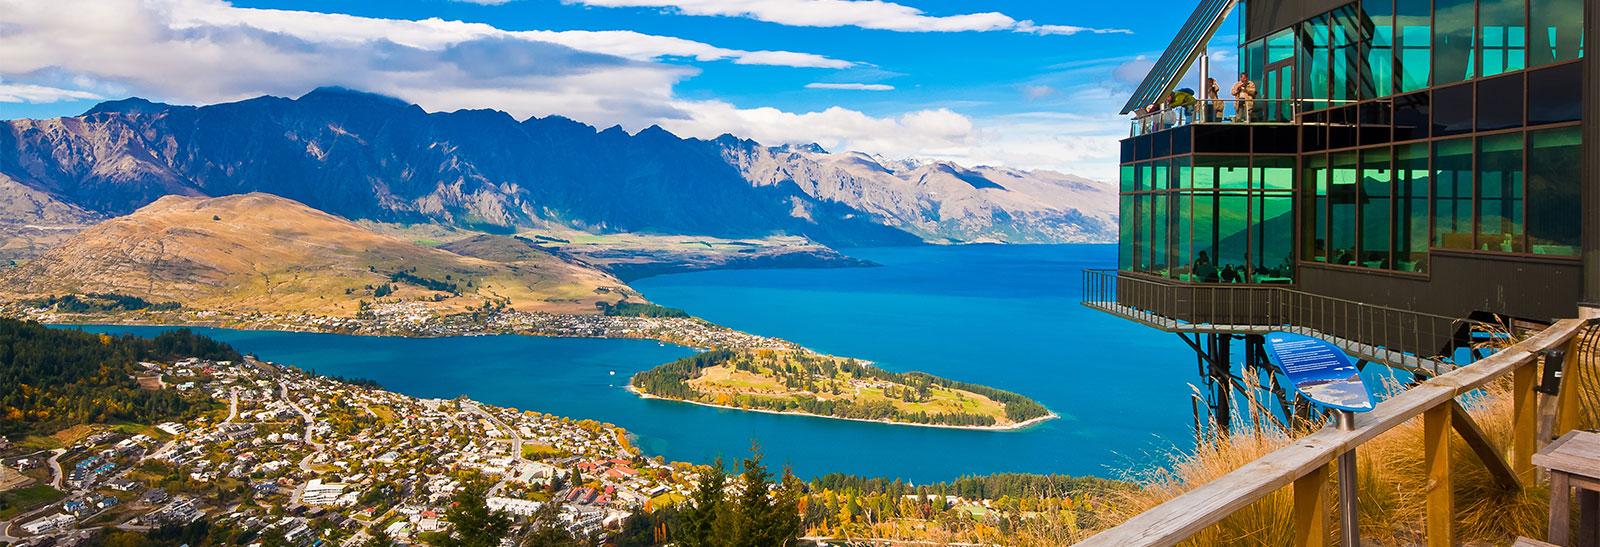 nova zelandia vistos